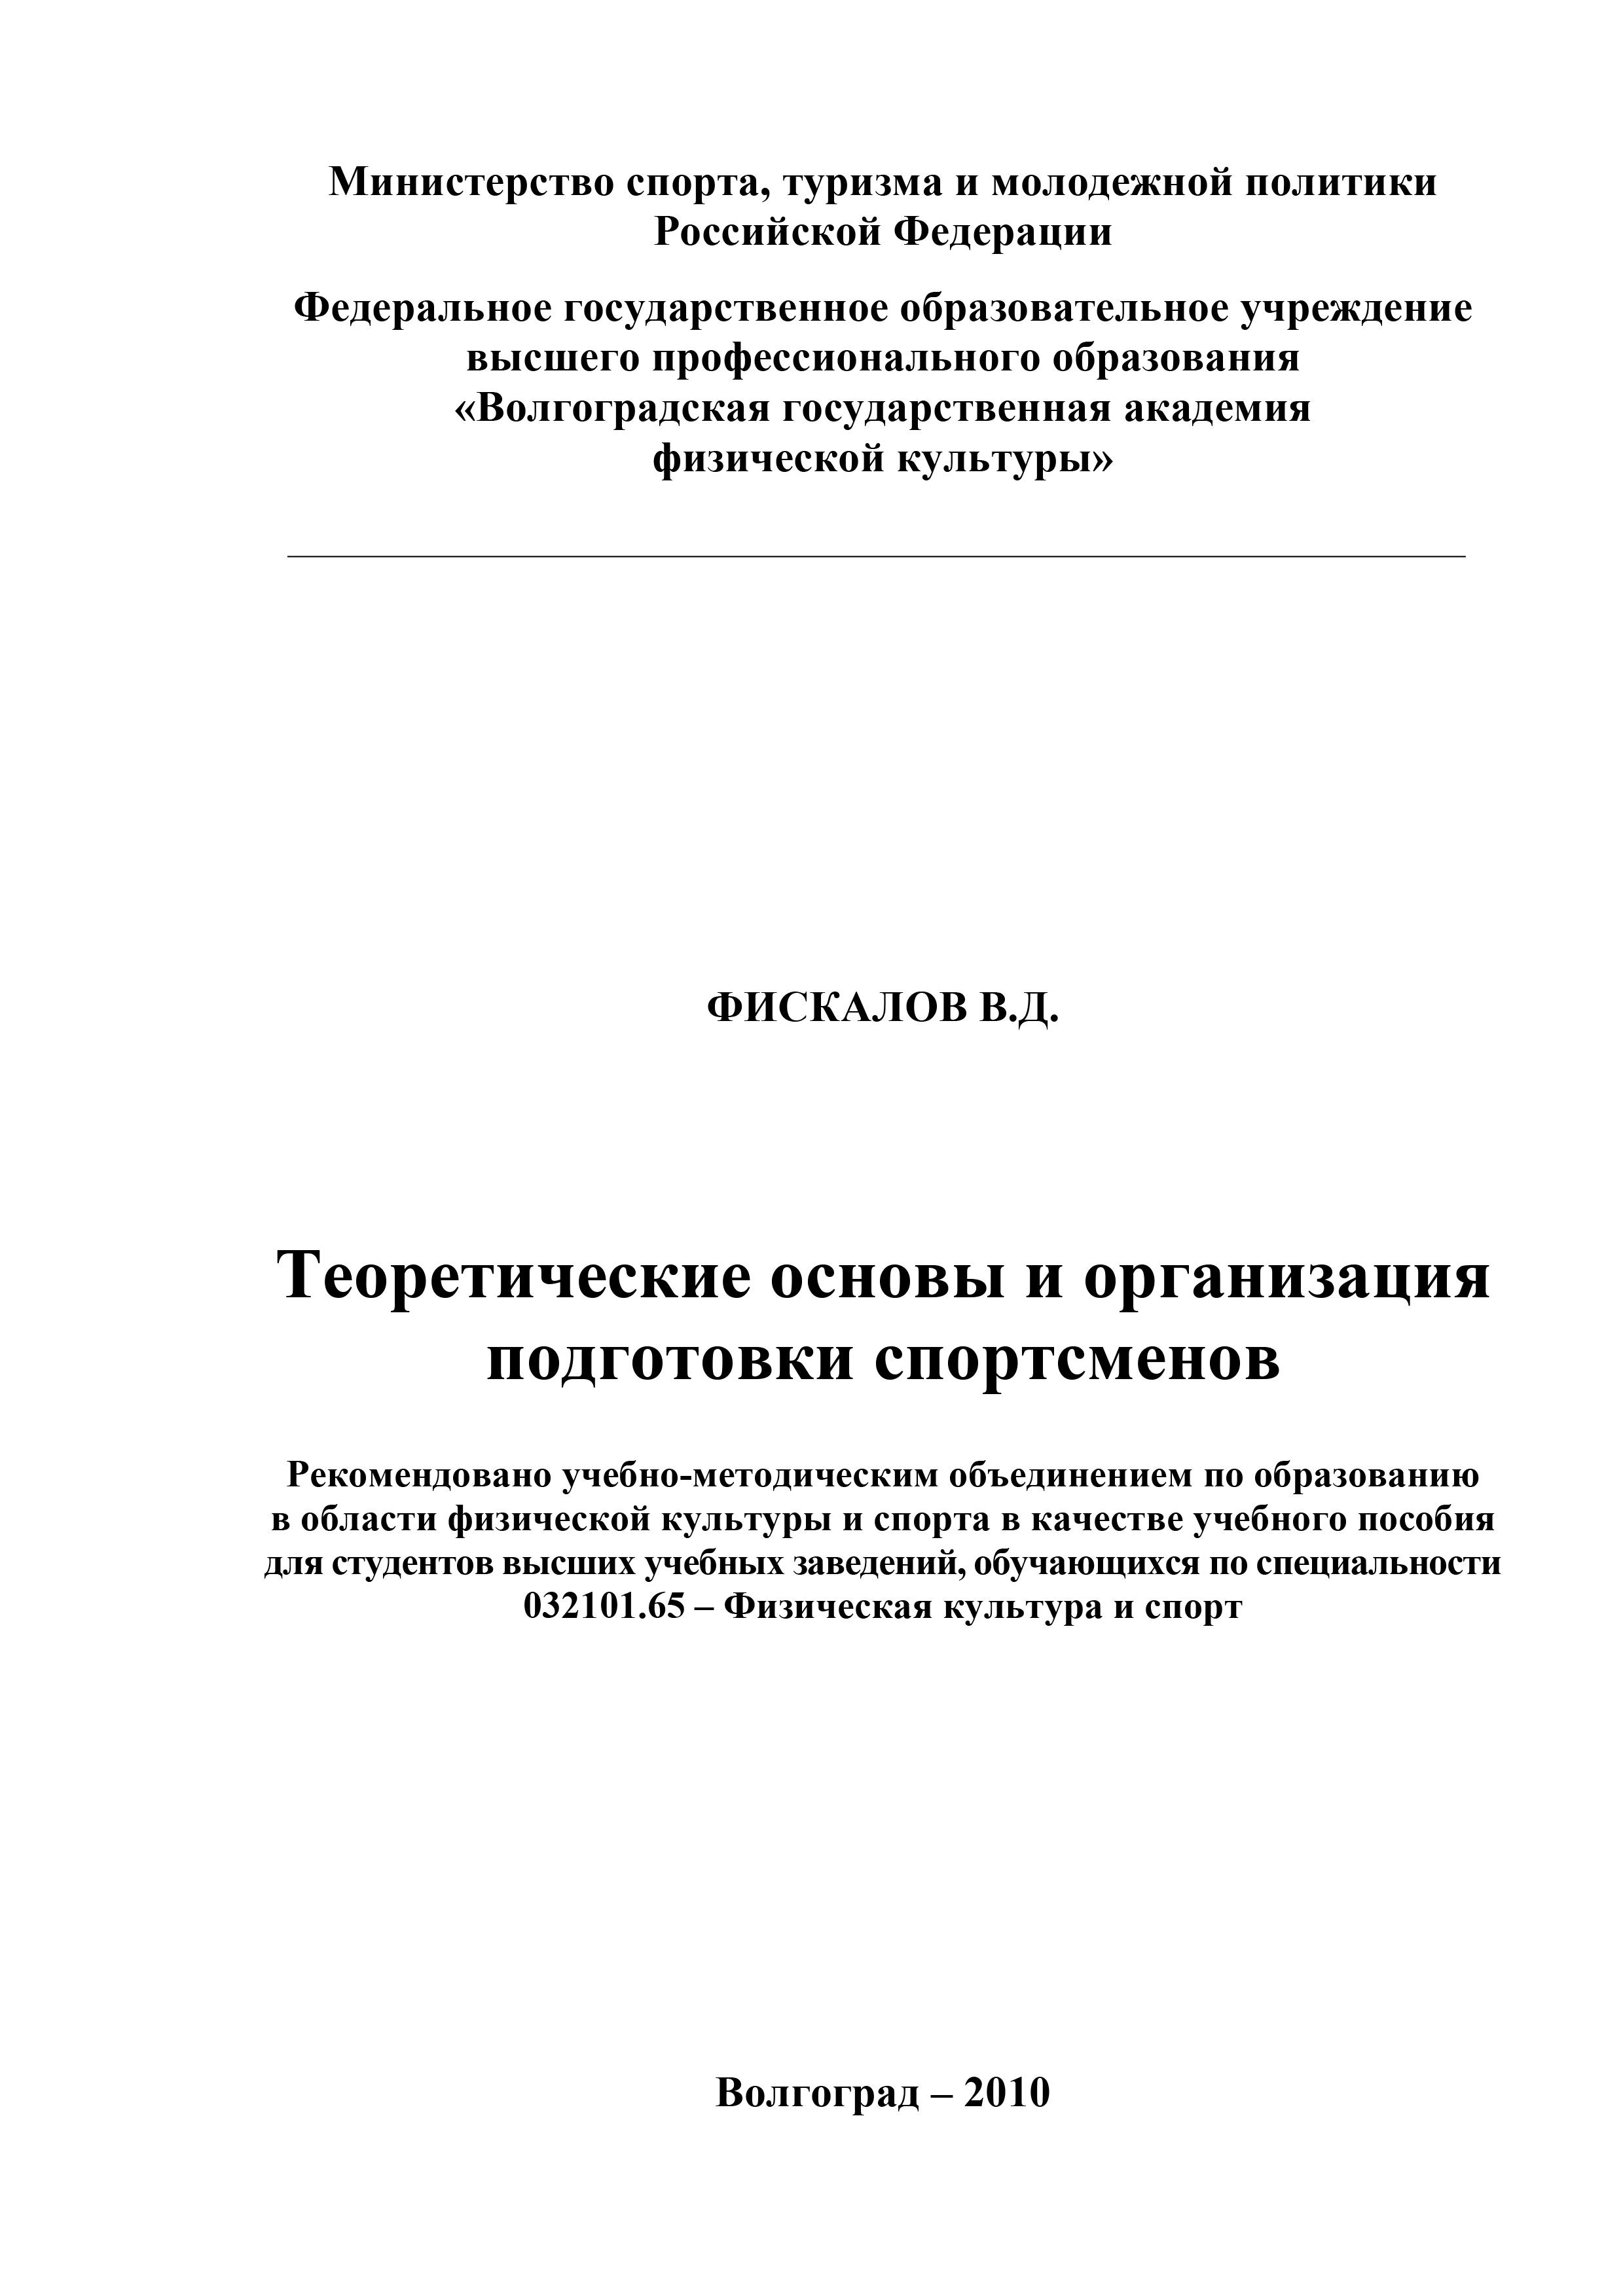 В. Д. Фискалов Теоретические основы и организация подготовки спортсменов